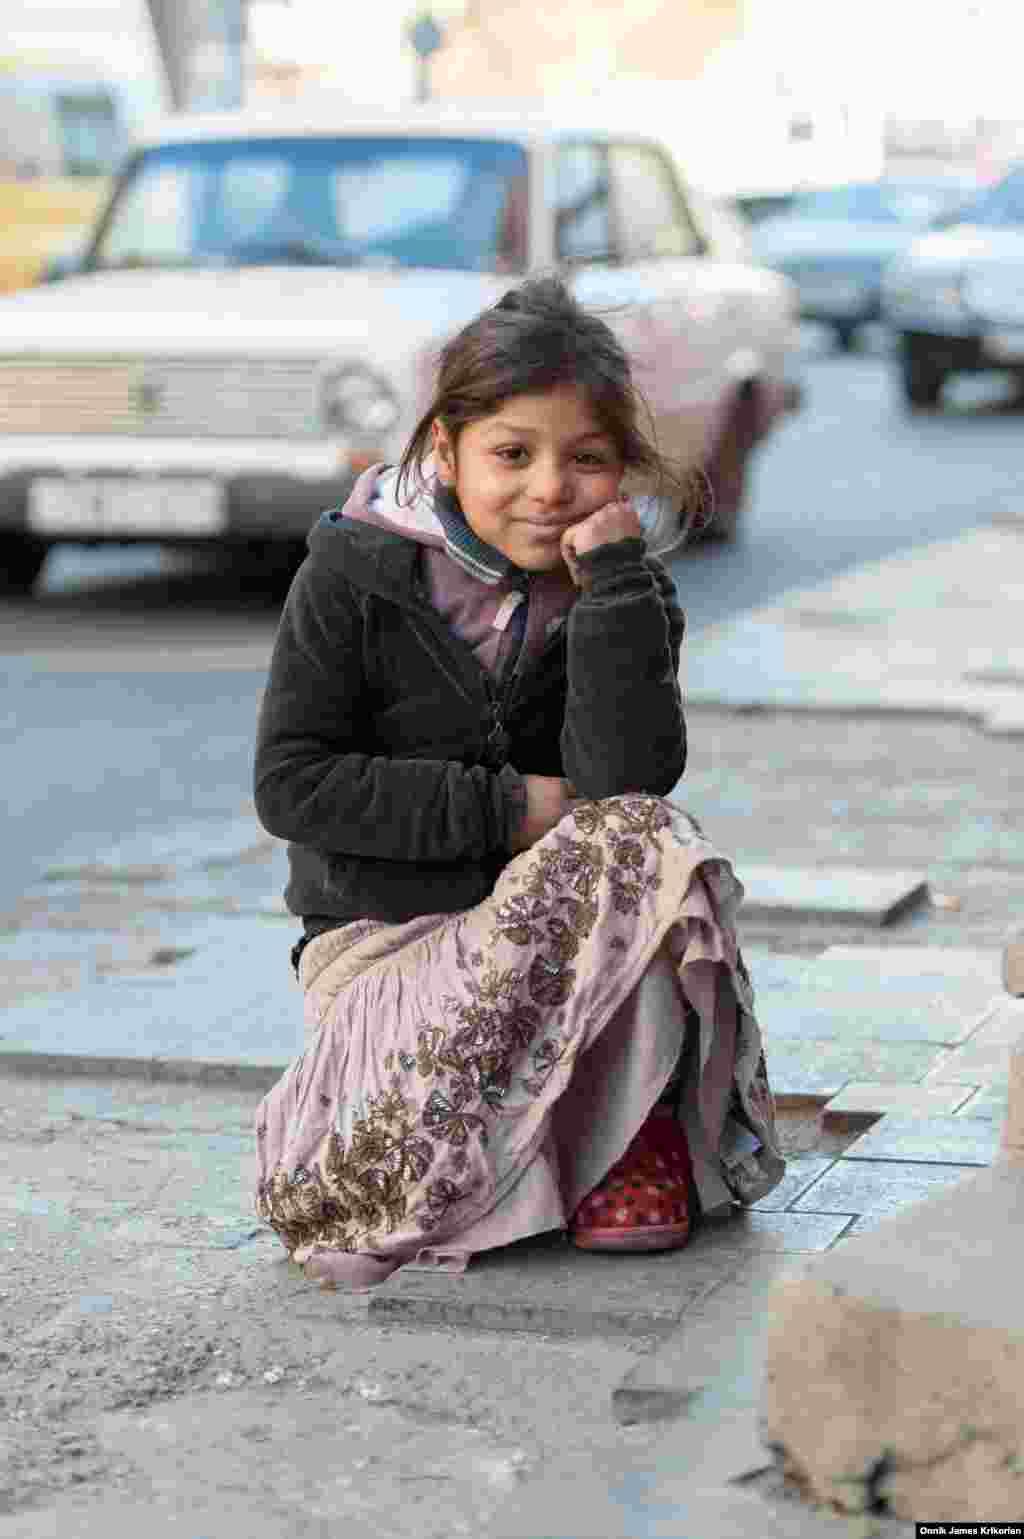 По данным благотворительной организации Каритас, этнические грузины составляют примерно половину всех беспризорных на улицах Тбилиси. В последнее время все чаще среди бездомных детей встречаются курды